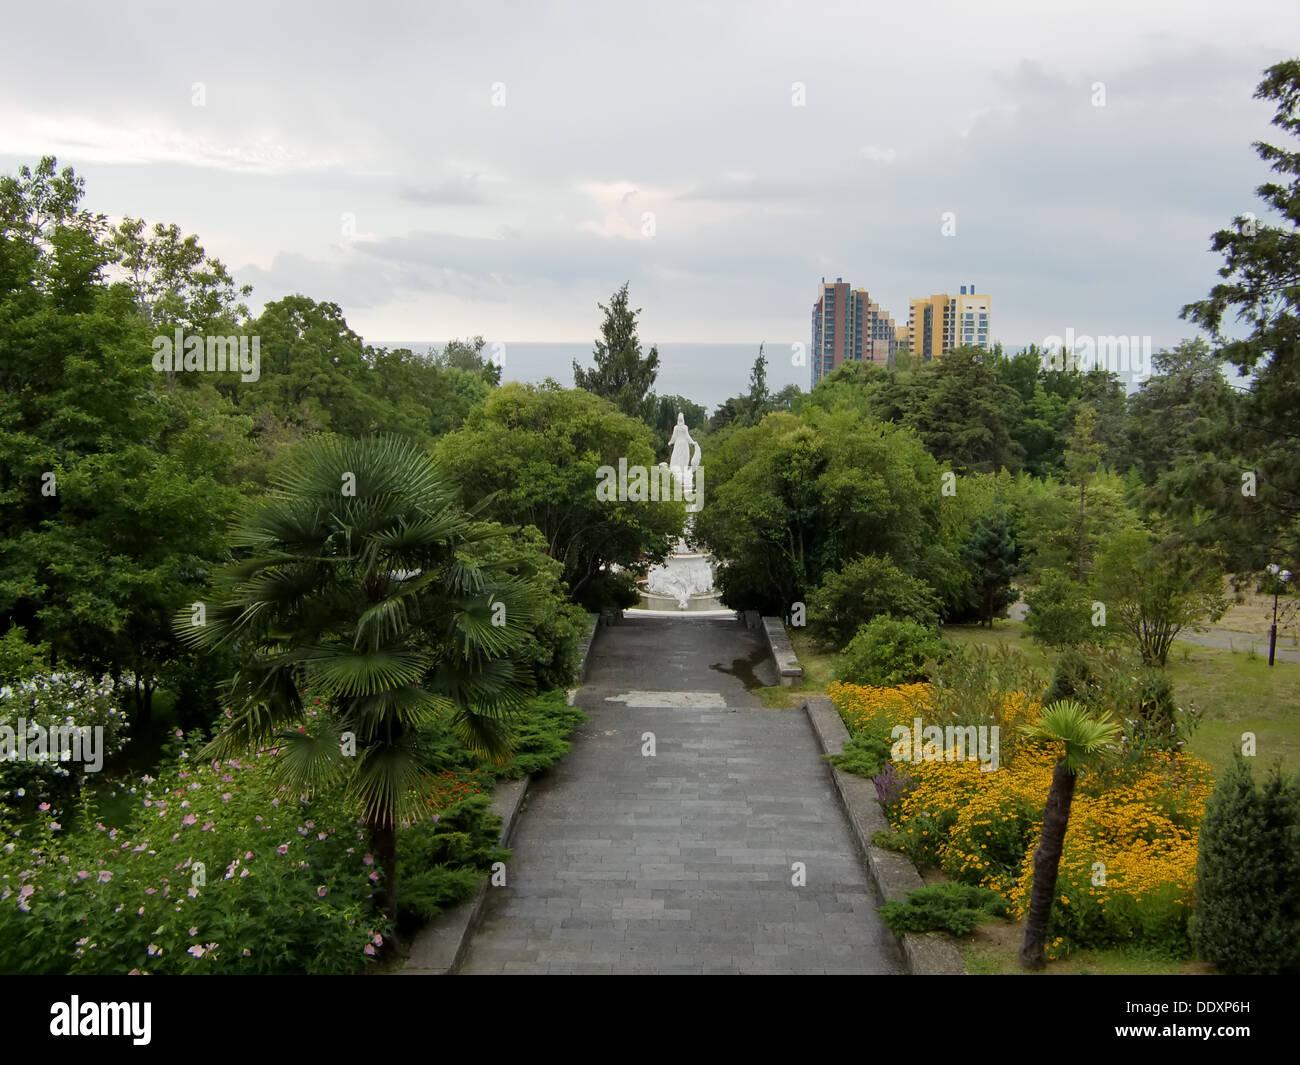 Dendrarium (Sochi, Russia) - Stock Image